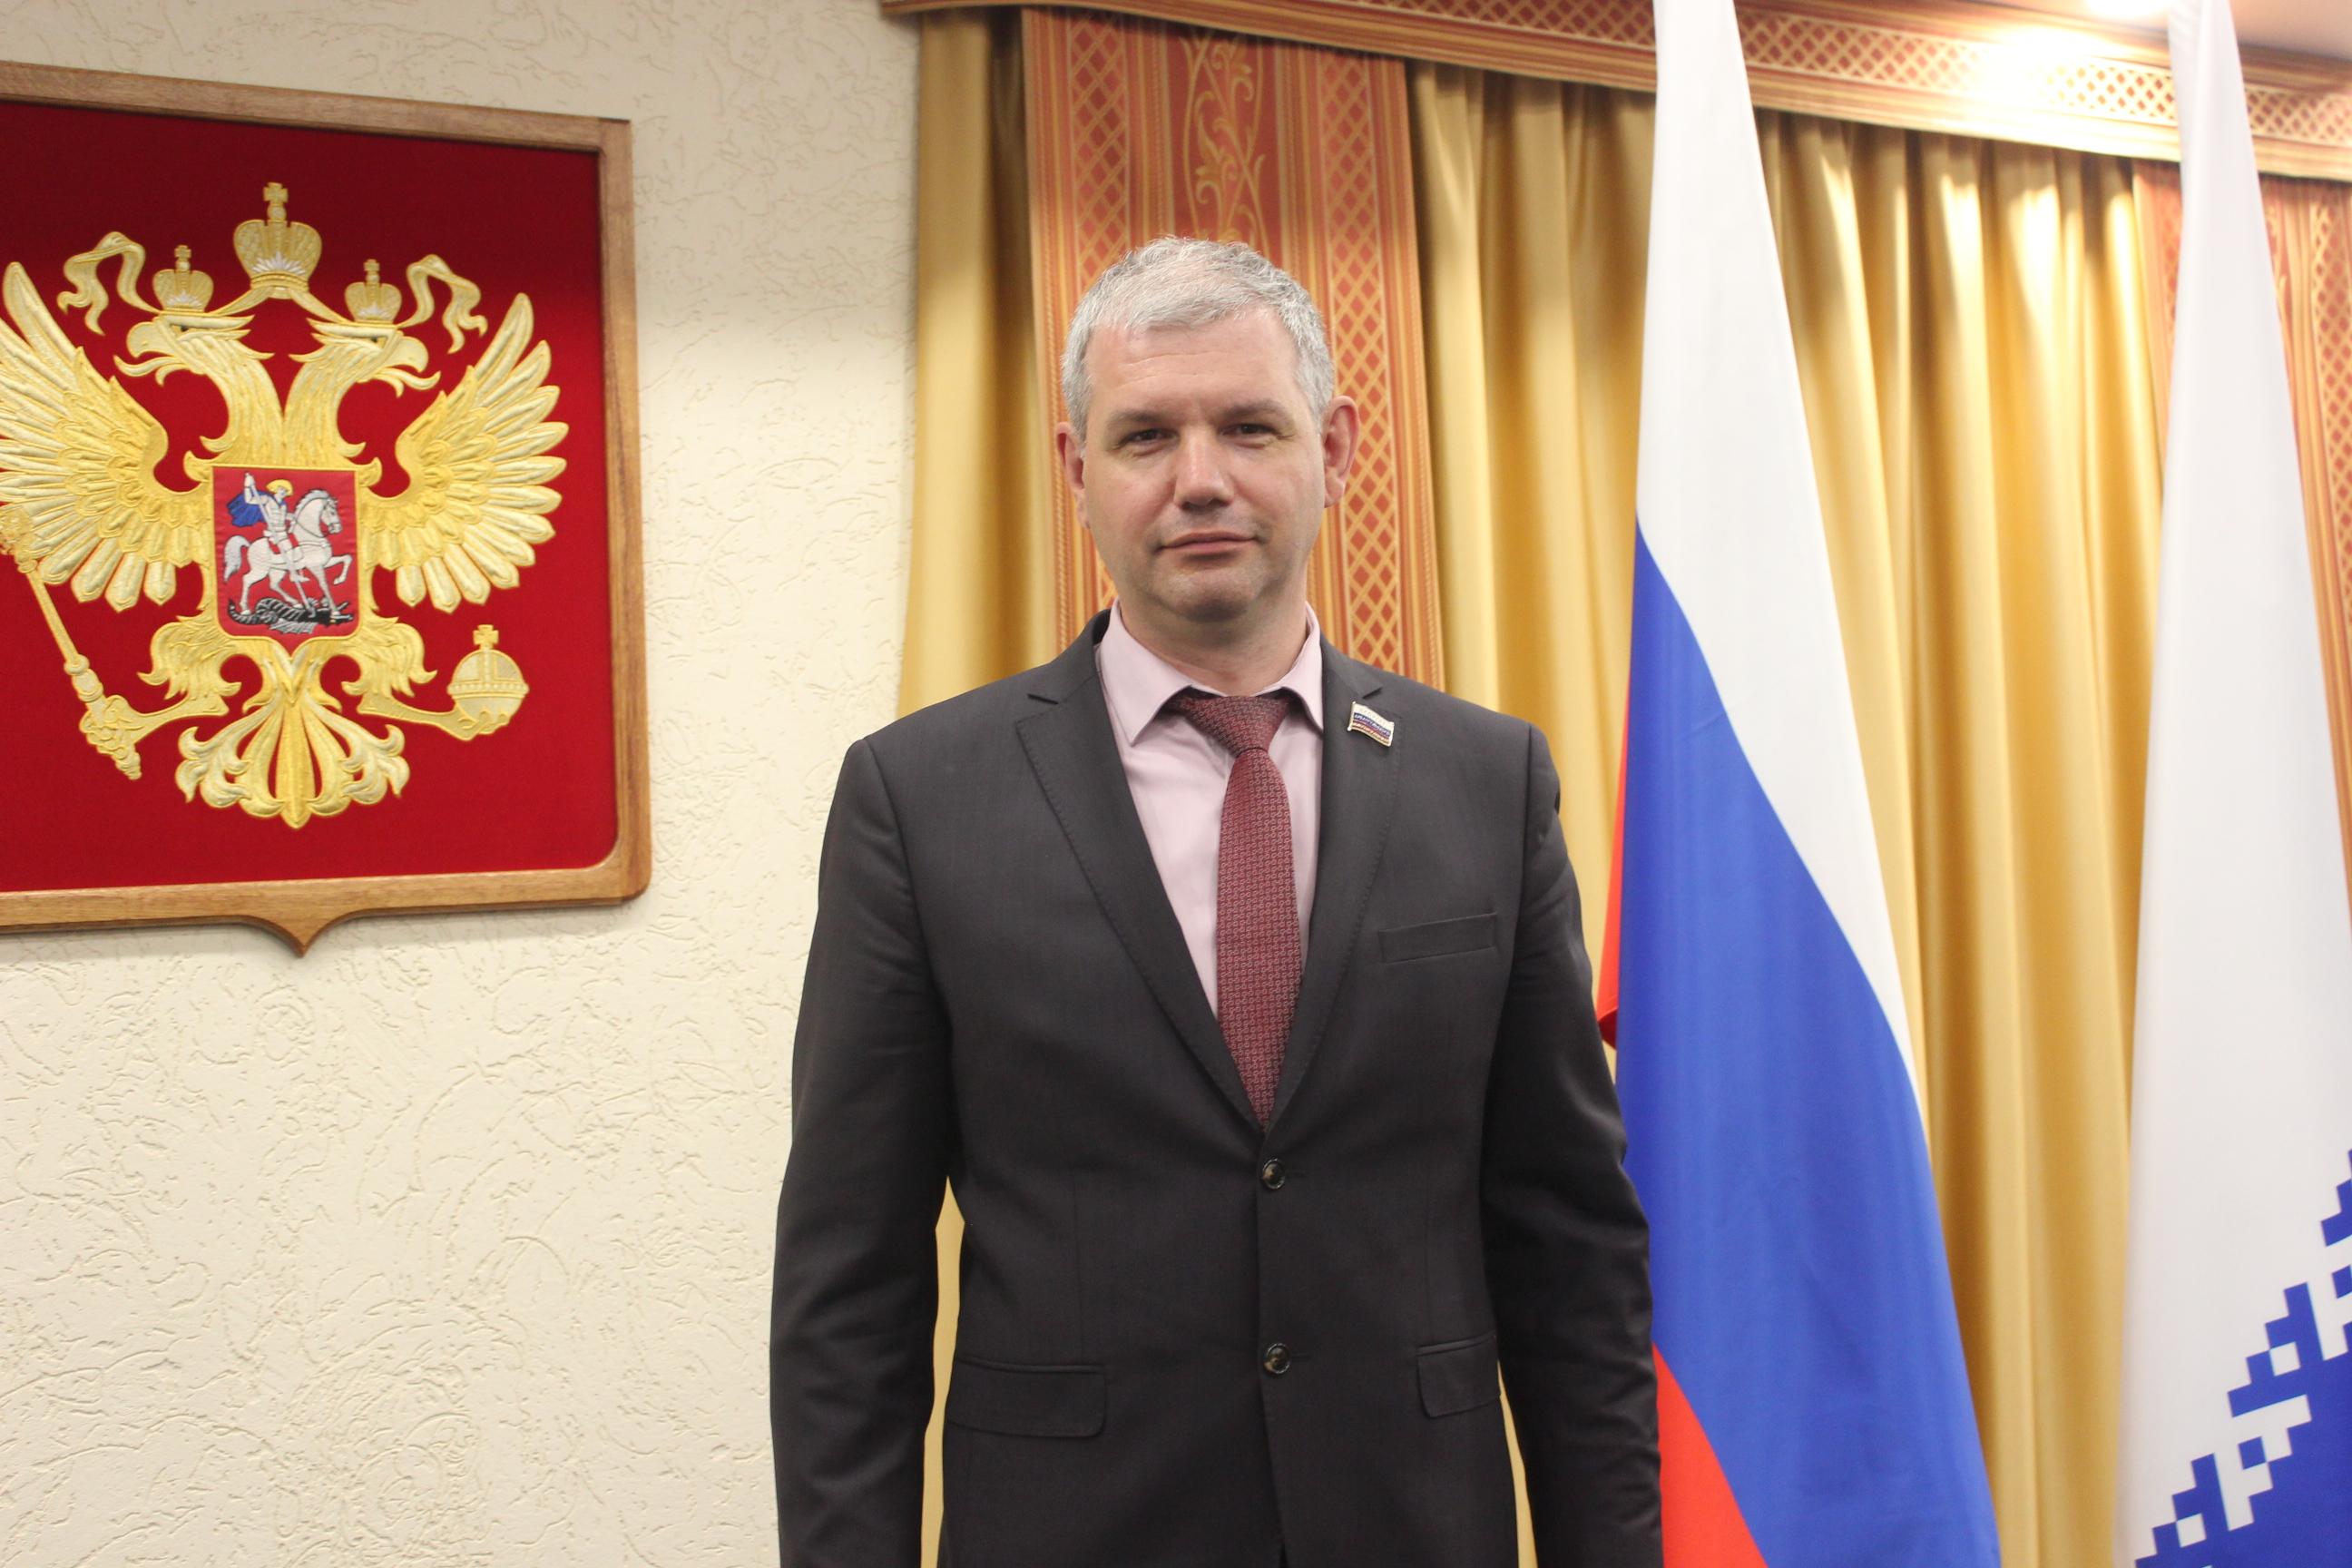 Делегатом на XX съезд партии избран Михаил Кисляков